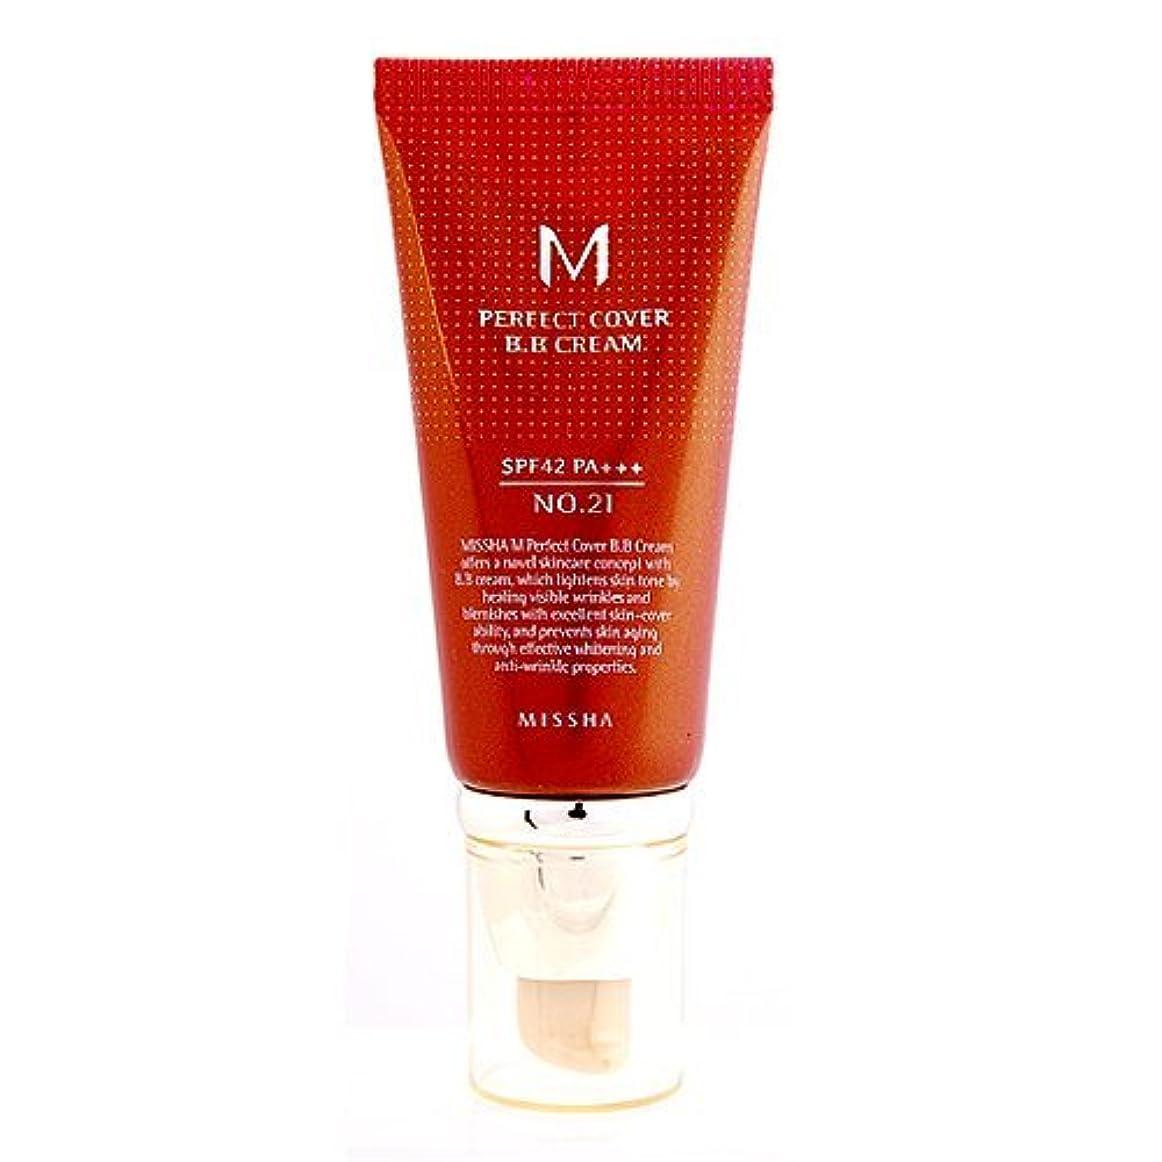 分割閉じ込める分割Missha M Perfect Cover B.B. Cream SPF 42 PA+++ 21 Light Beige, 1.69oz, 50ml